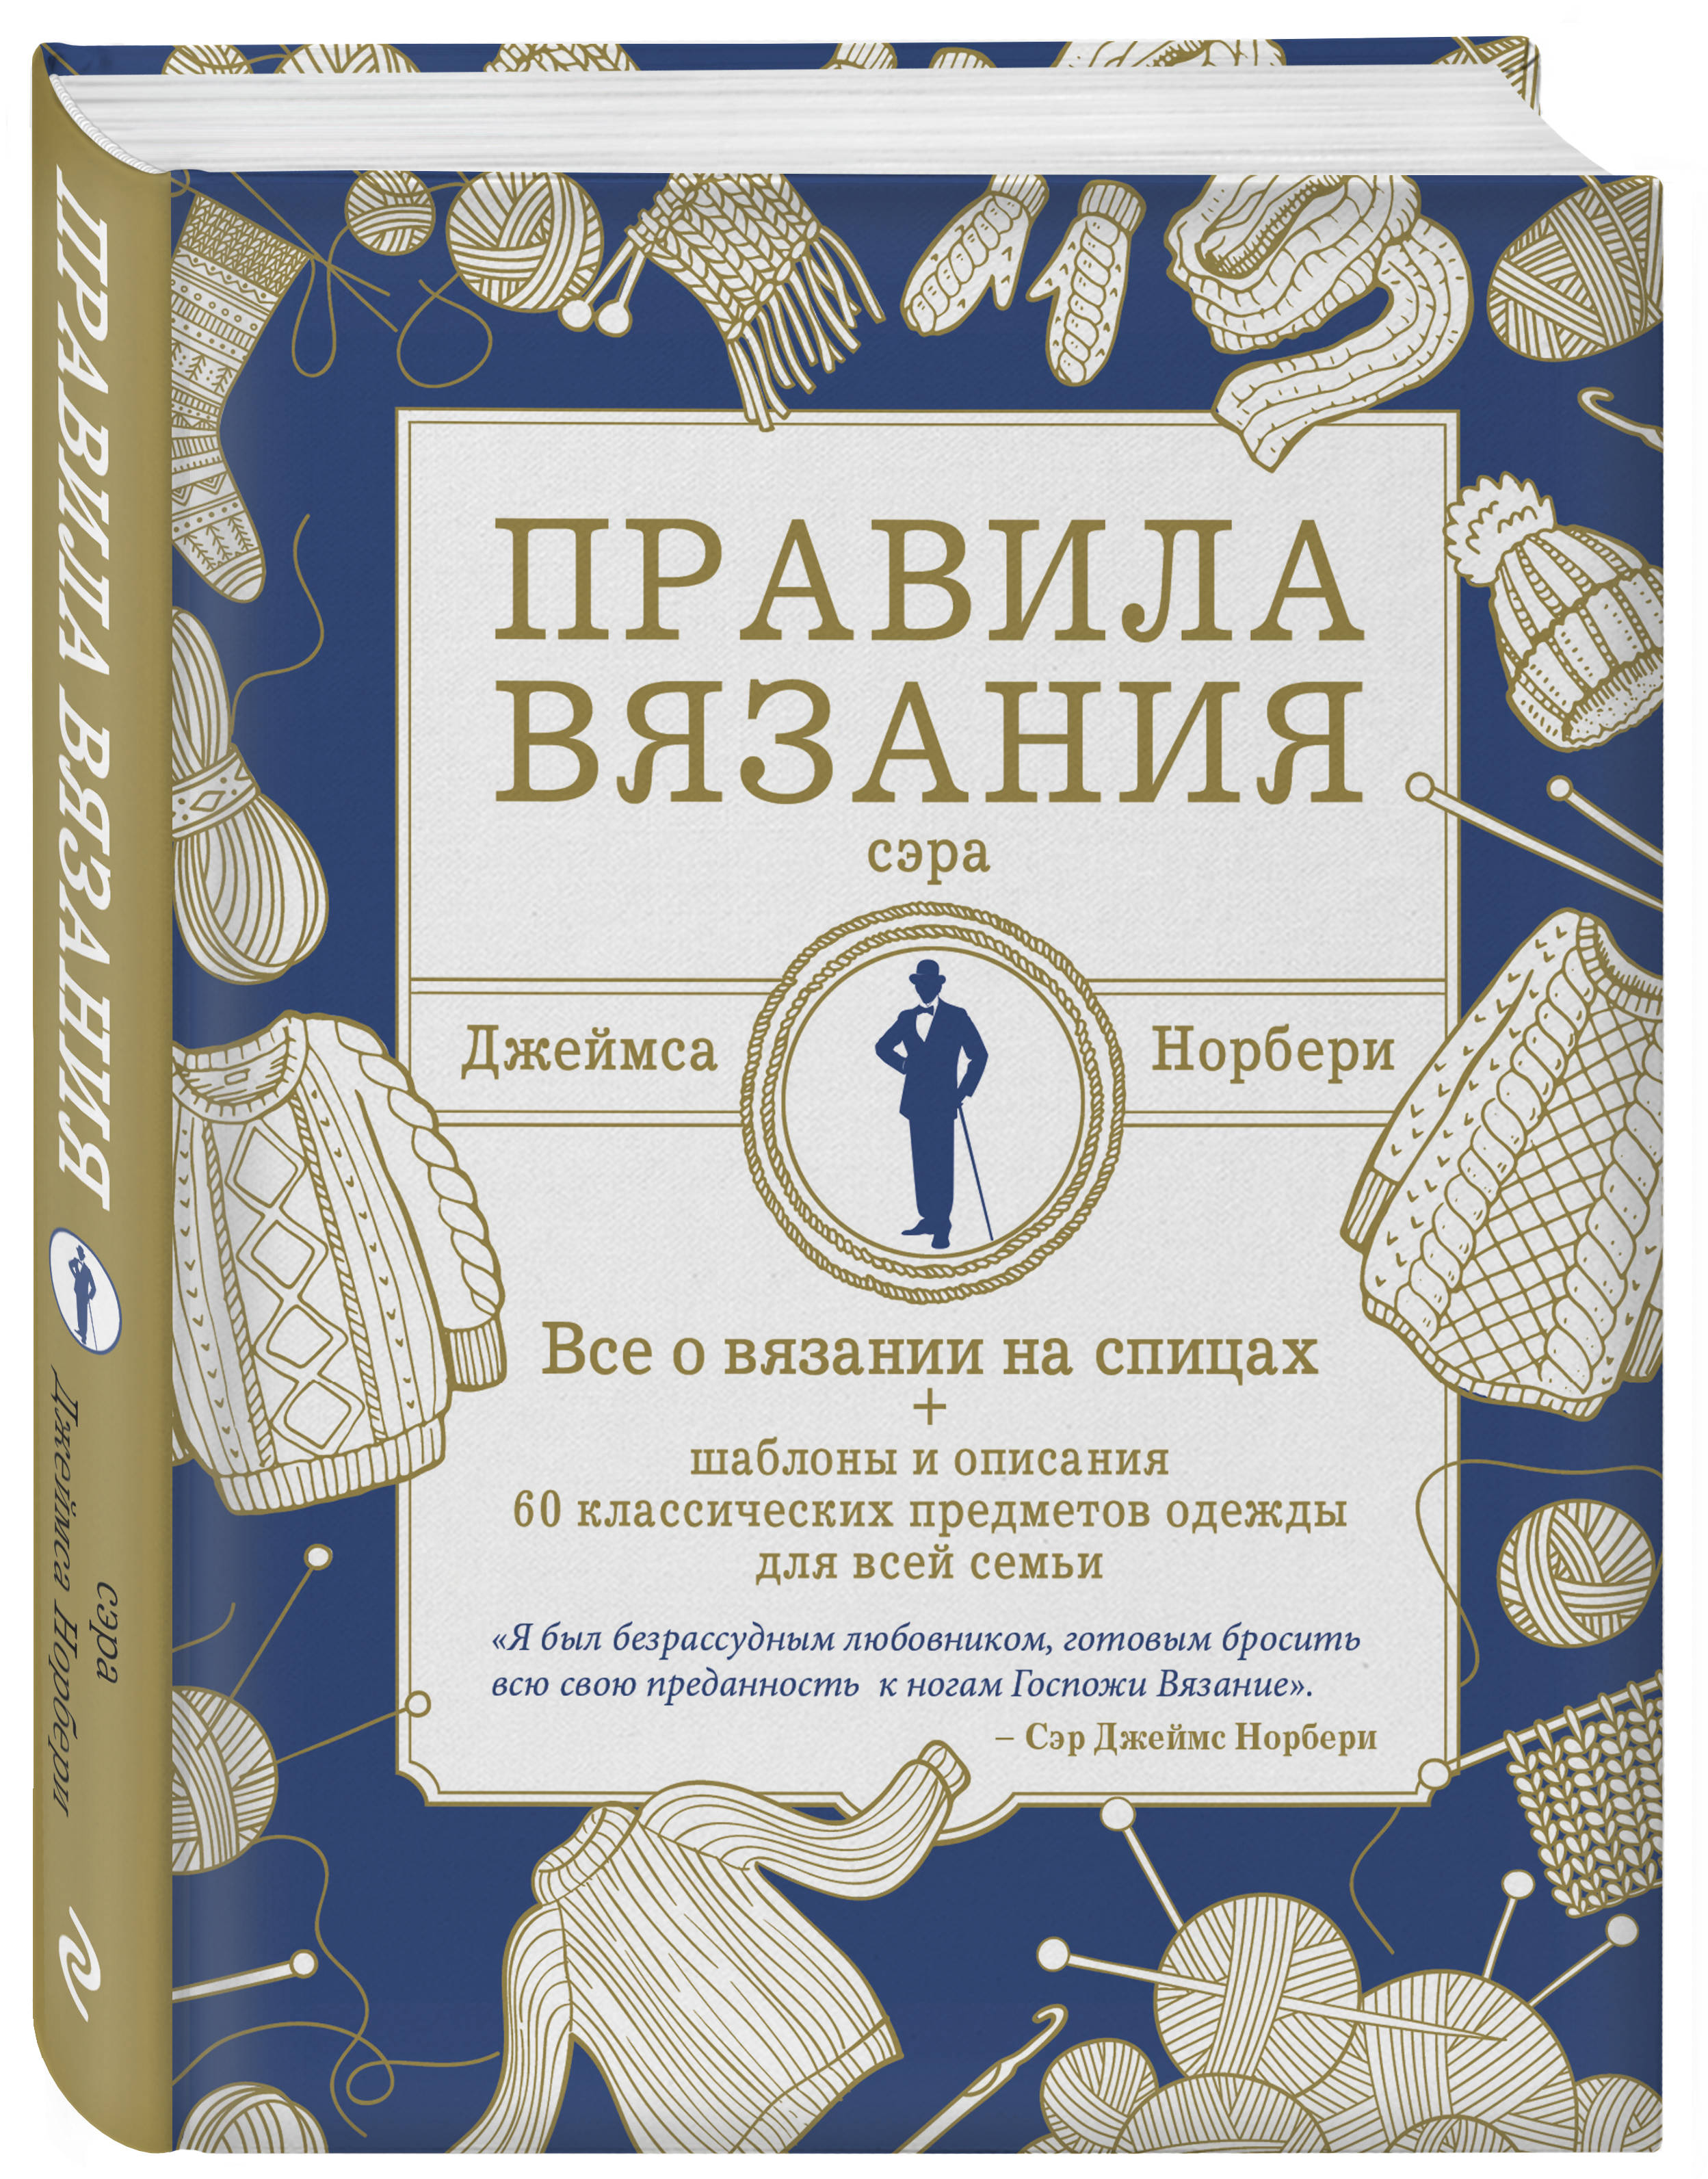 Джеймс Норбери Книга по вязанию на все времена. Все о вязании на спицах + шаблоны для более 60 предметов одежды пуловеры